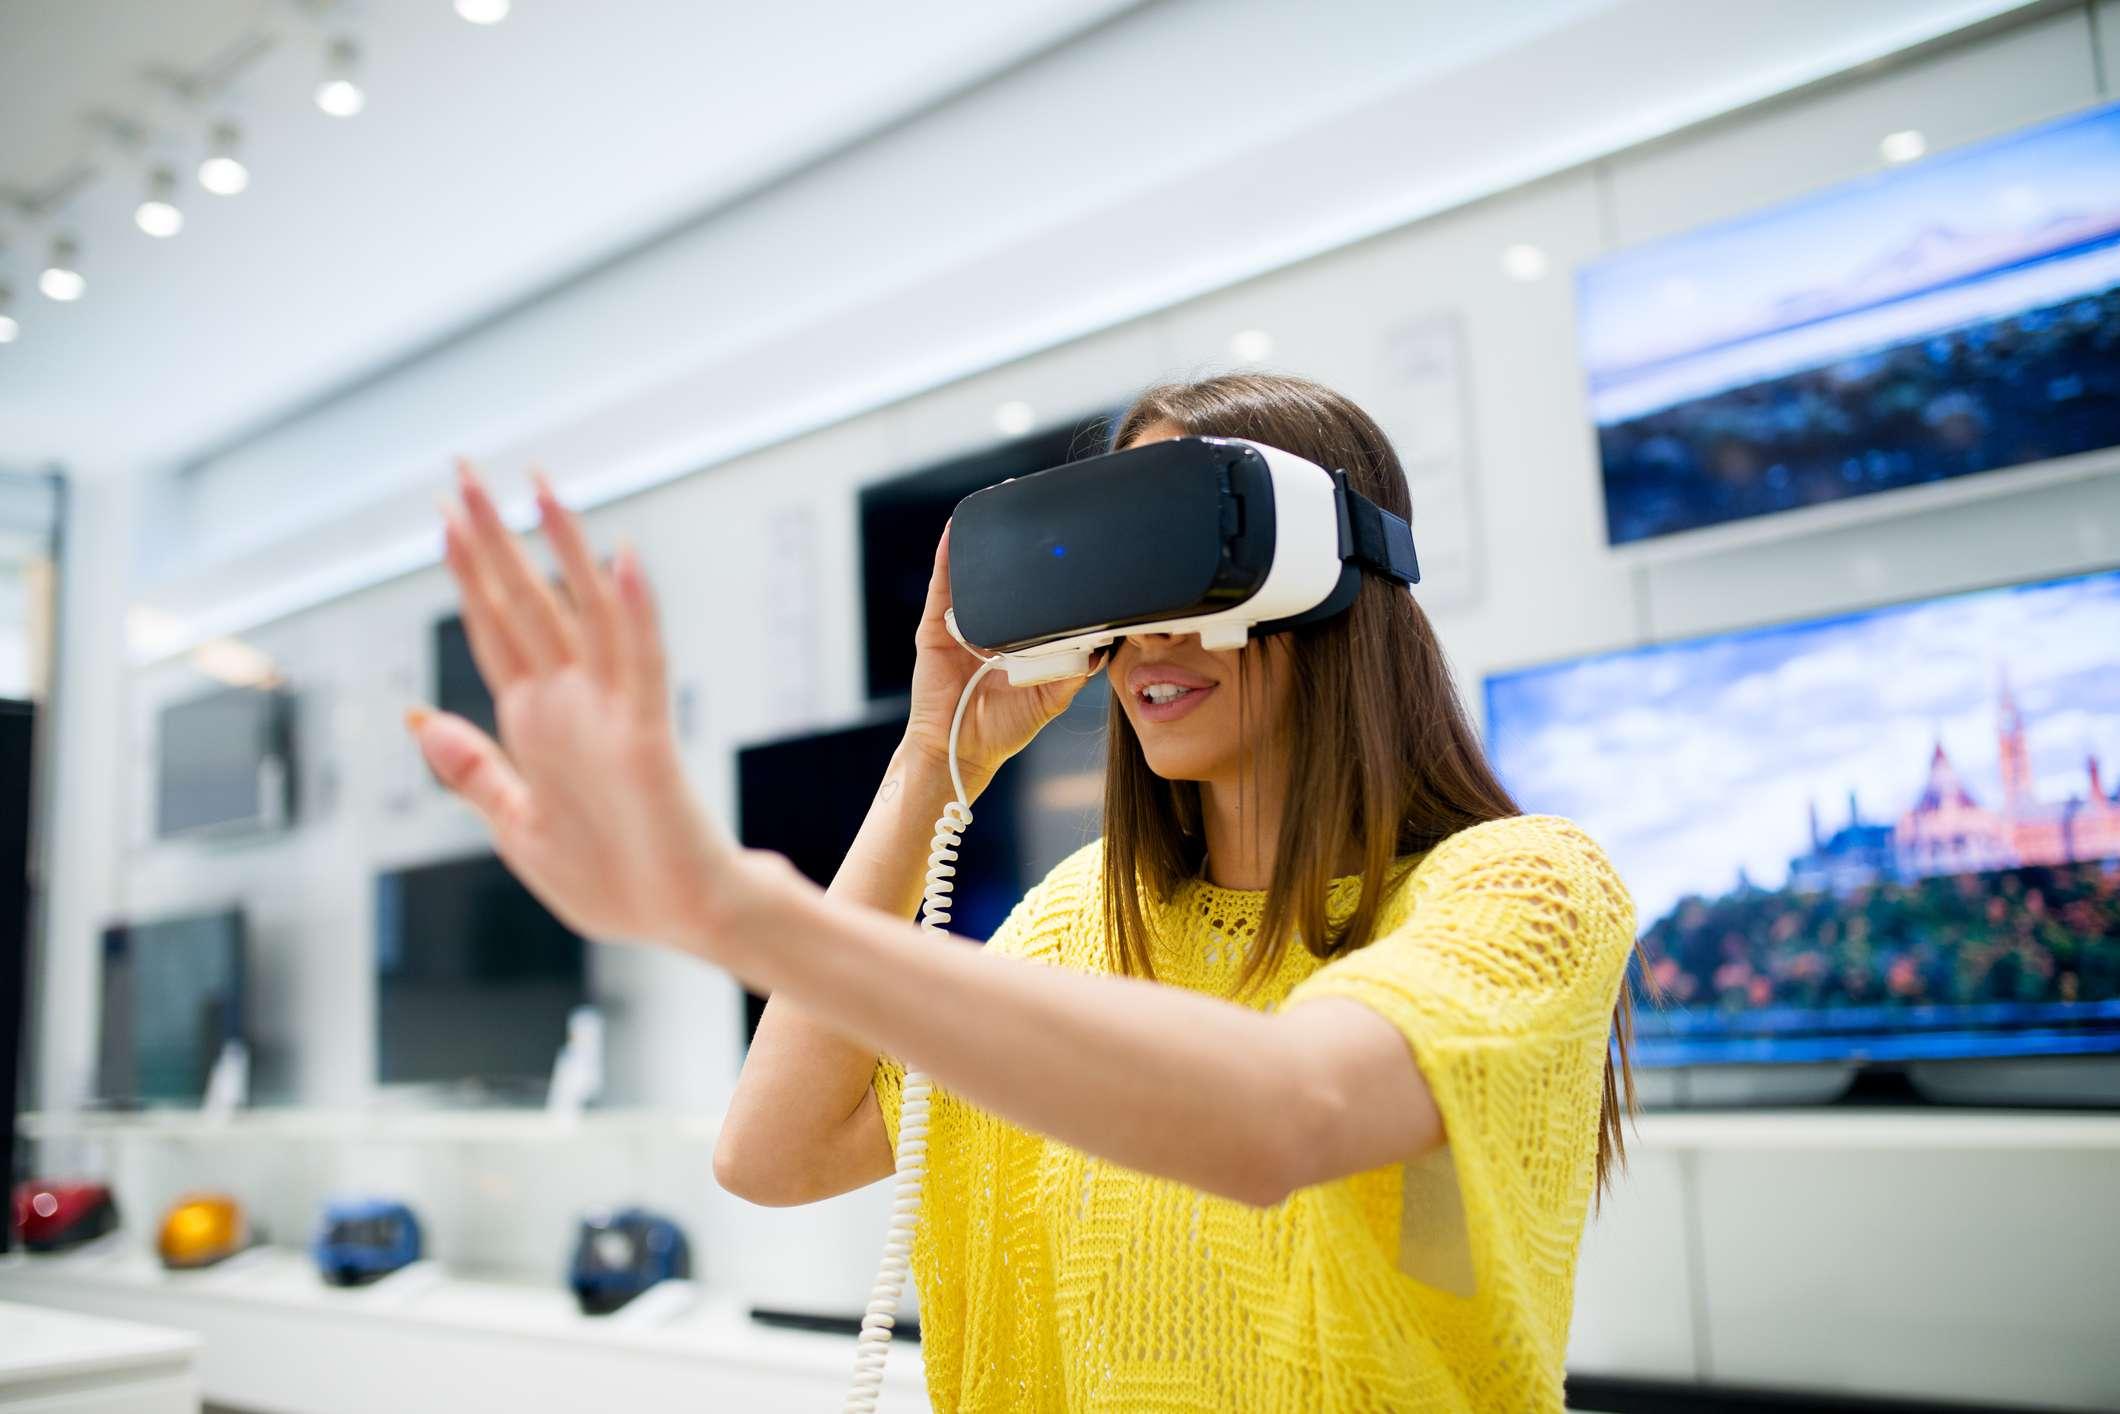 Bastante joven está probando auriculares VR en la tienda de electrónica